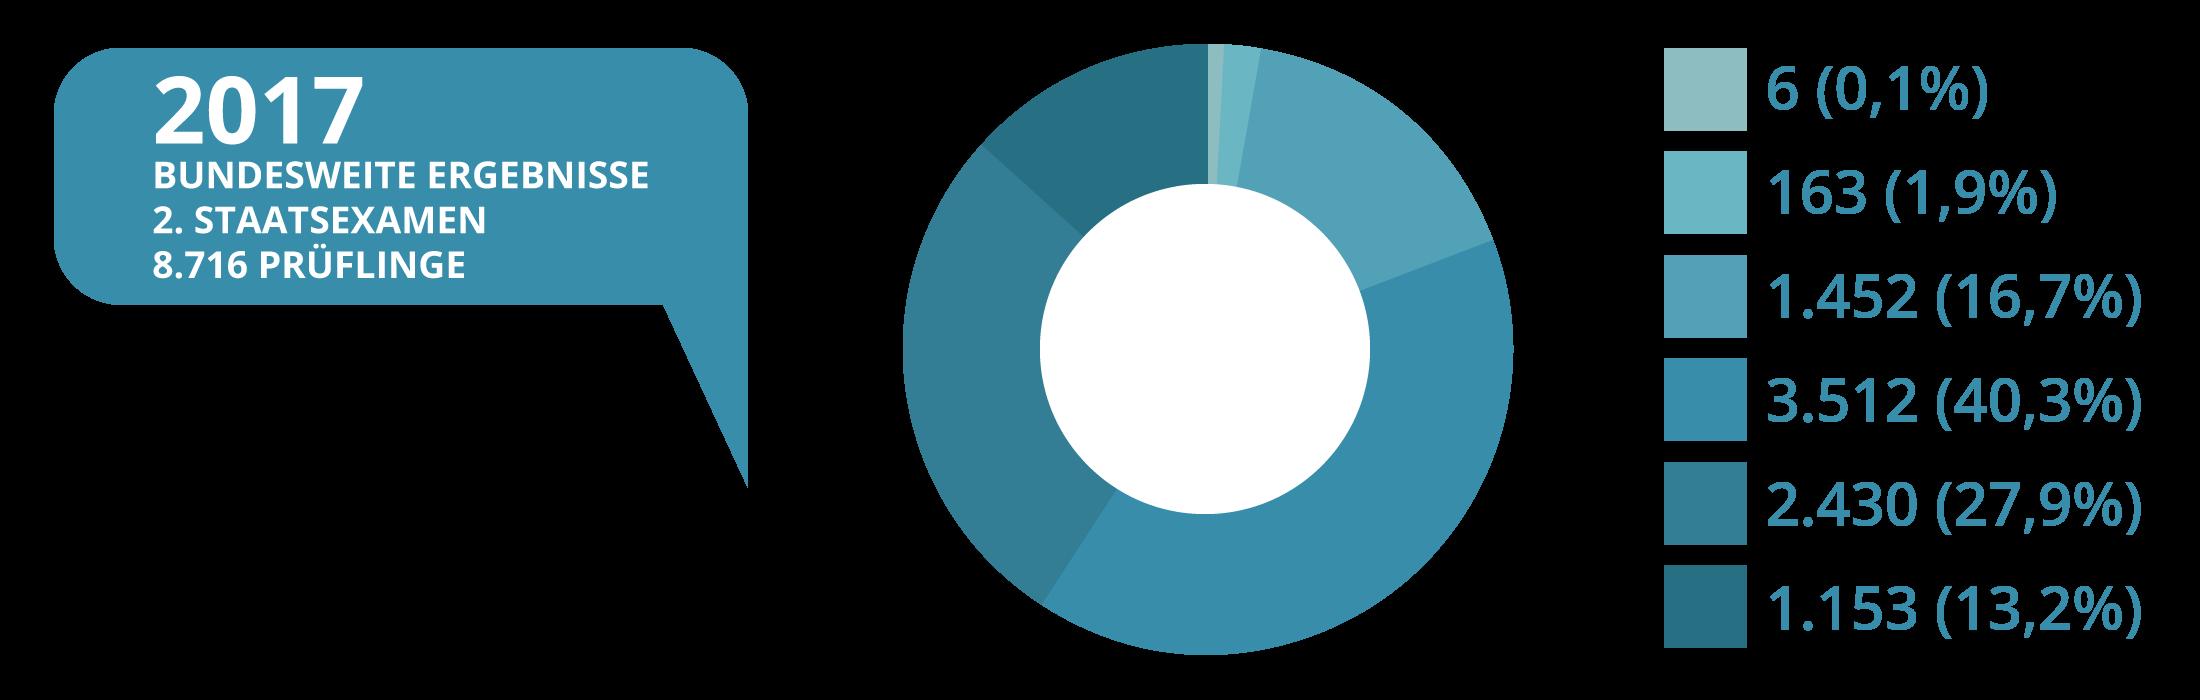 JurCase - Kreisdiagramm - 2017 - Ergebnisse Zweites Staatsexamen